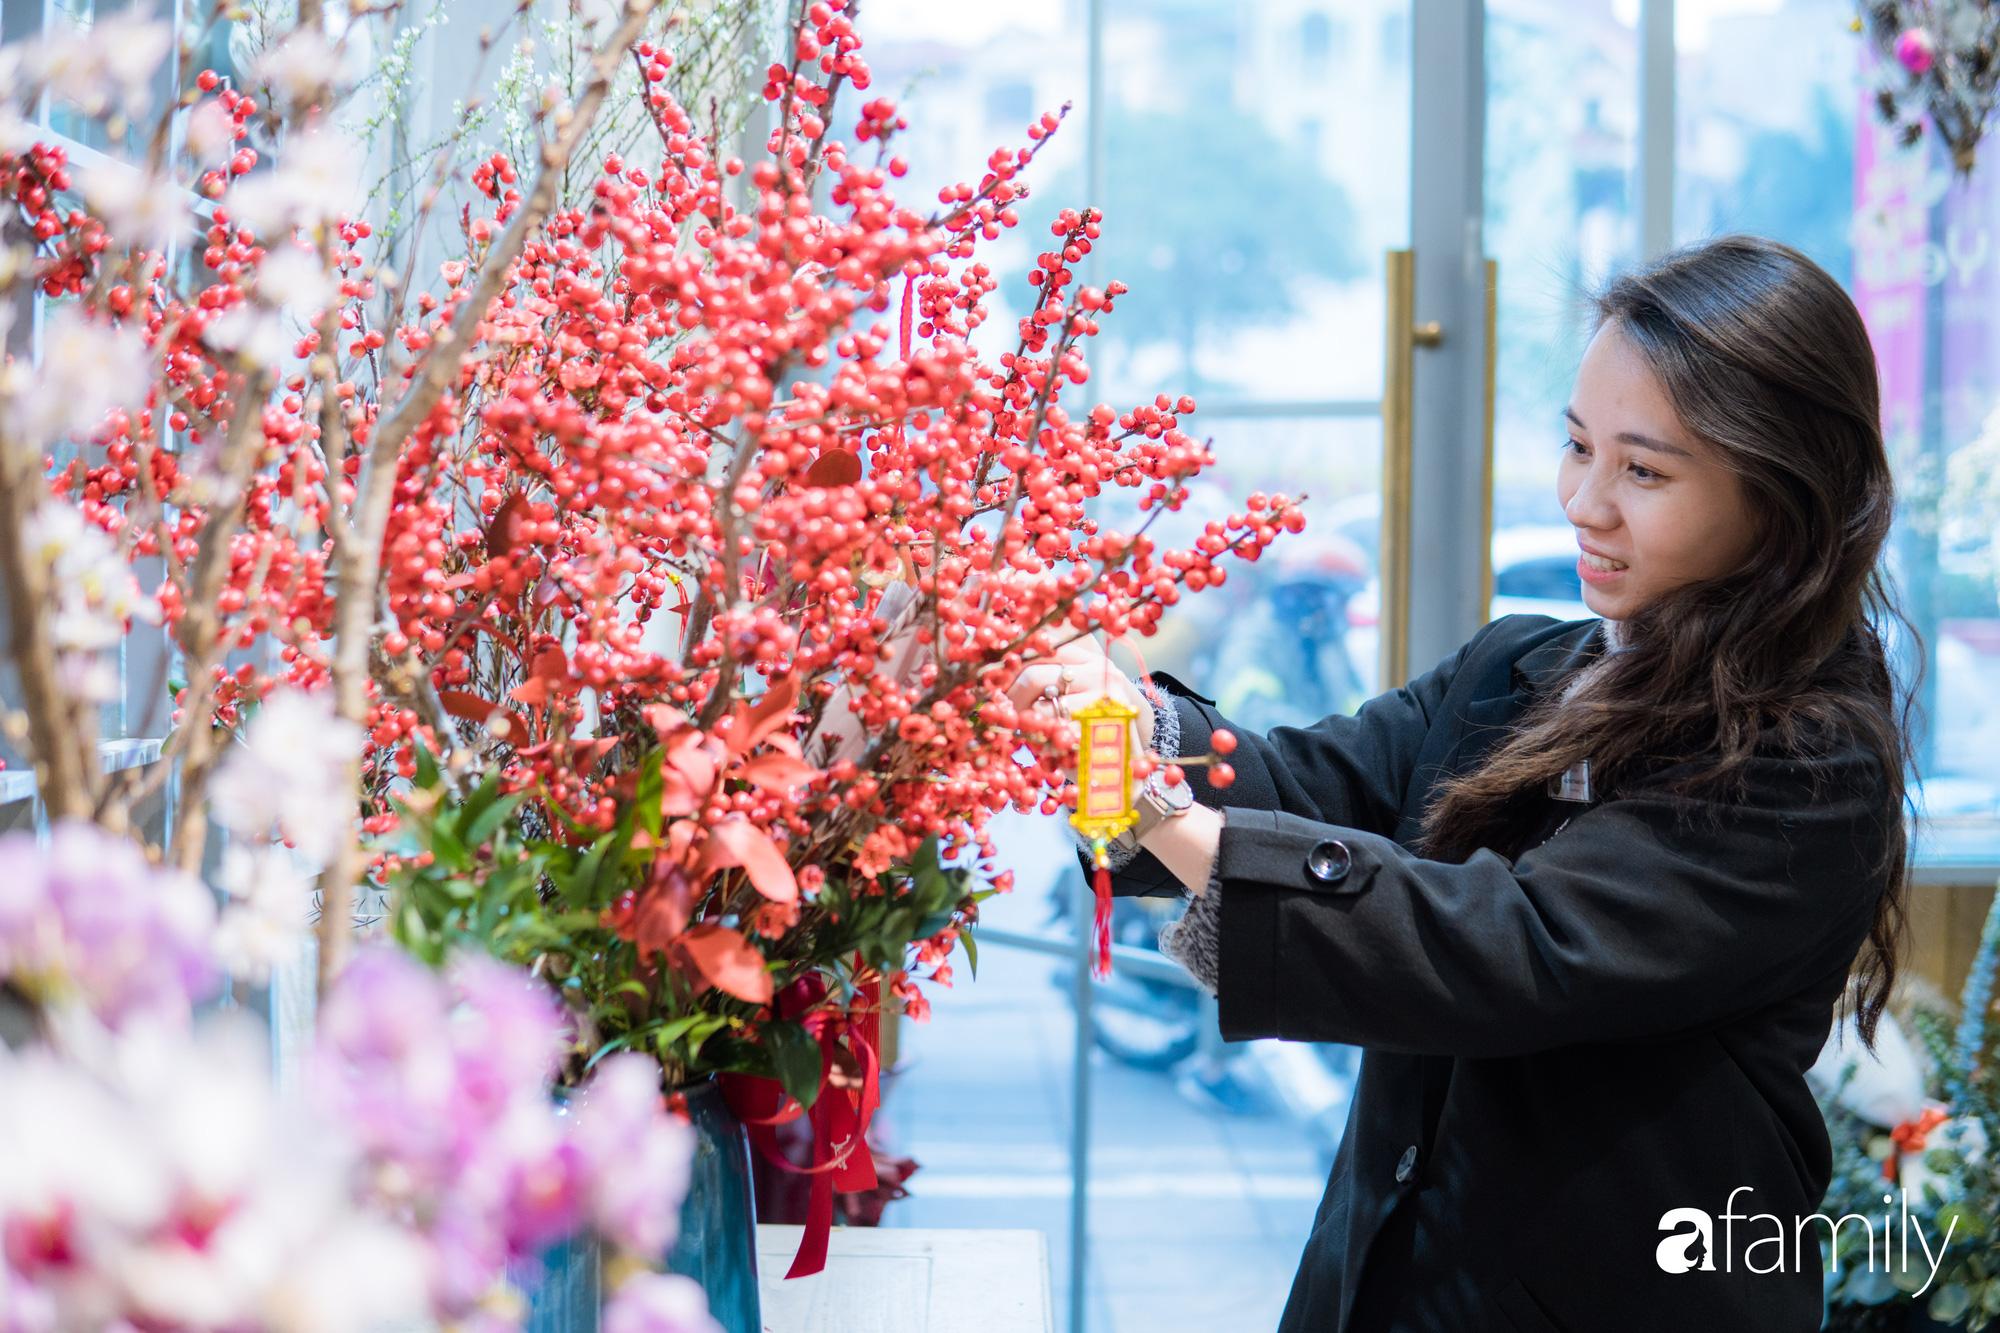 """Ngắm những loài hoa nhập khẩu đẹp lạ """"sang chảnh"""" để hiểu tại sao các đại gia Hà thành sẵn sàng chi 50 triệu sắm hoa đẹp chơi Tết - Ảnh 8."""